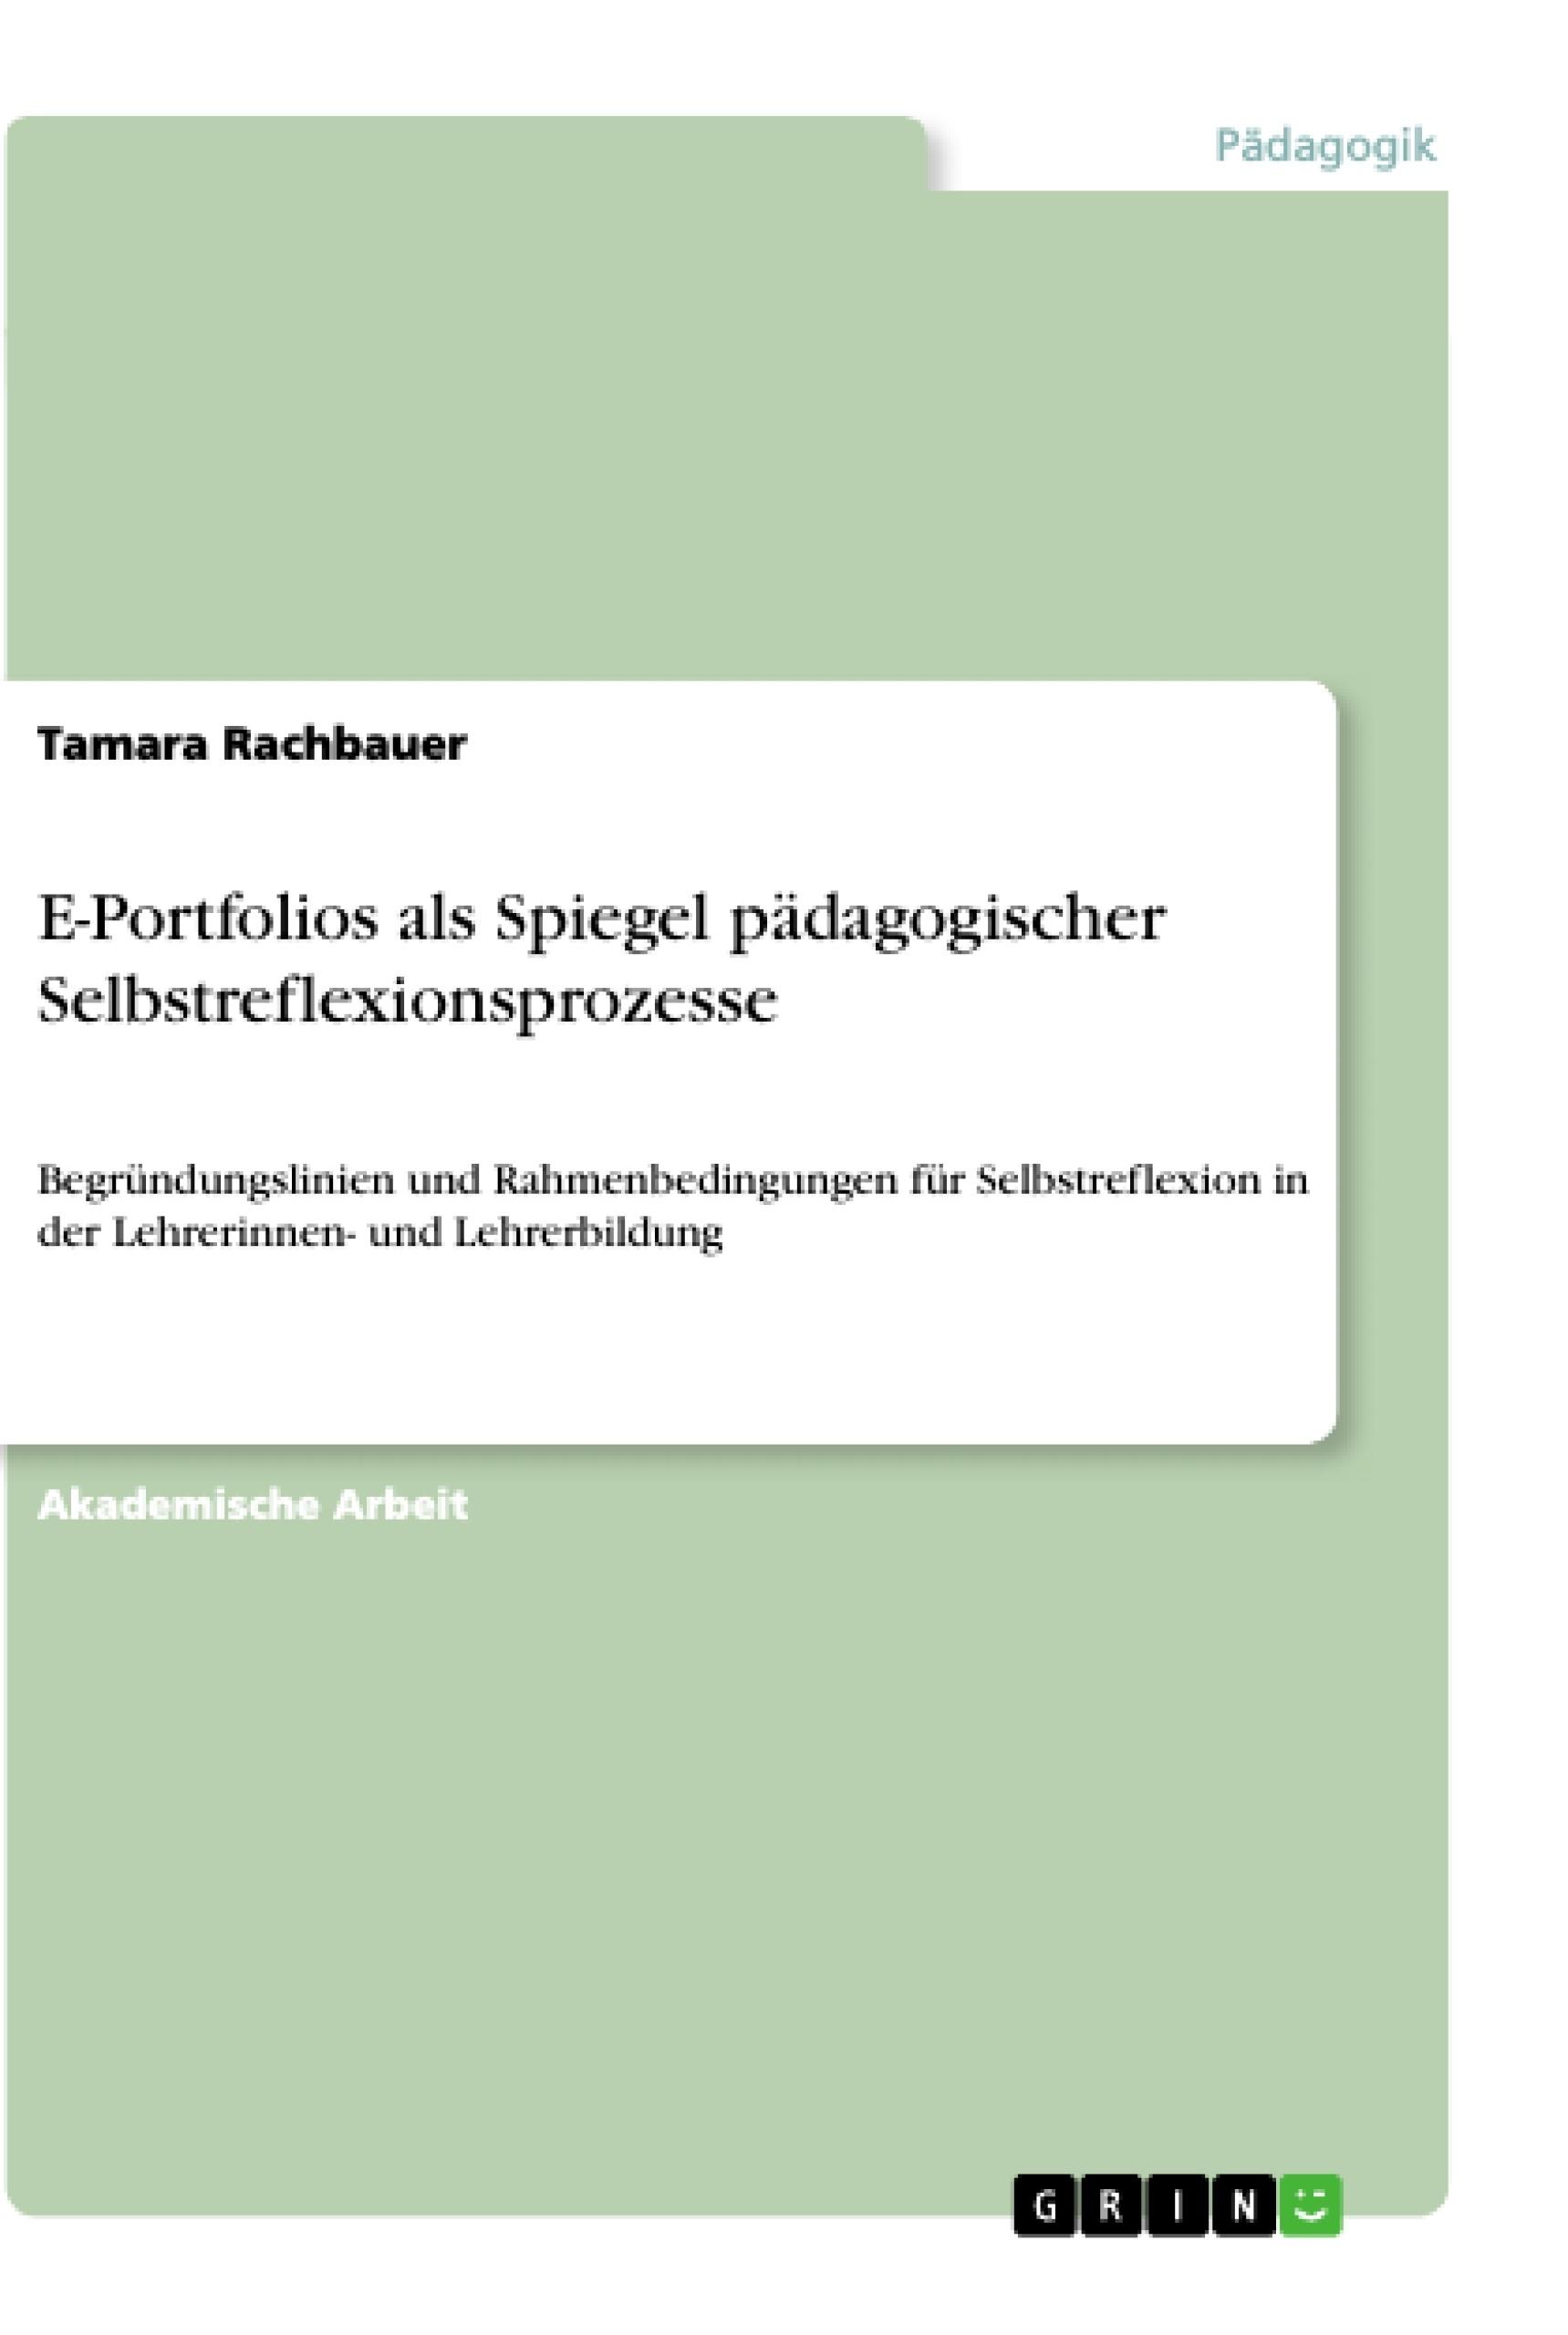 Titel: E-Portfolios als Spiegel pädagogischer Selbstreflexionsprozesse